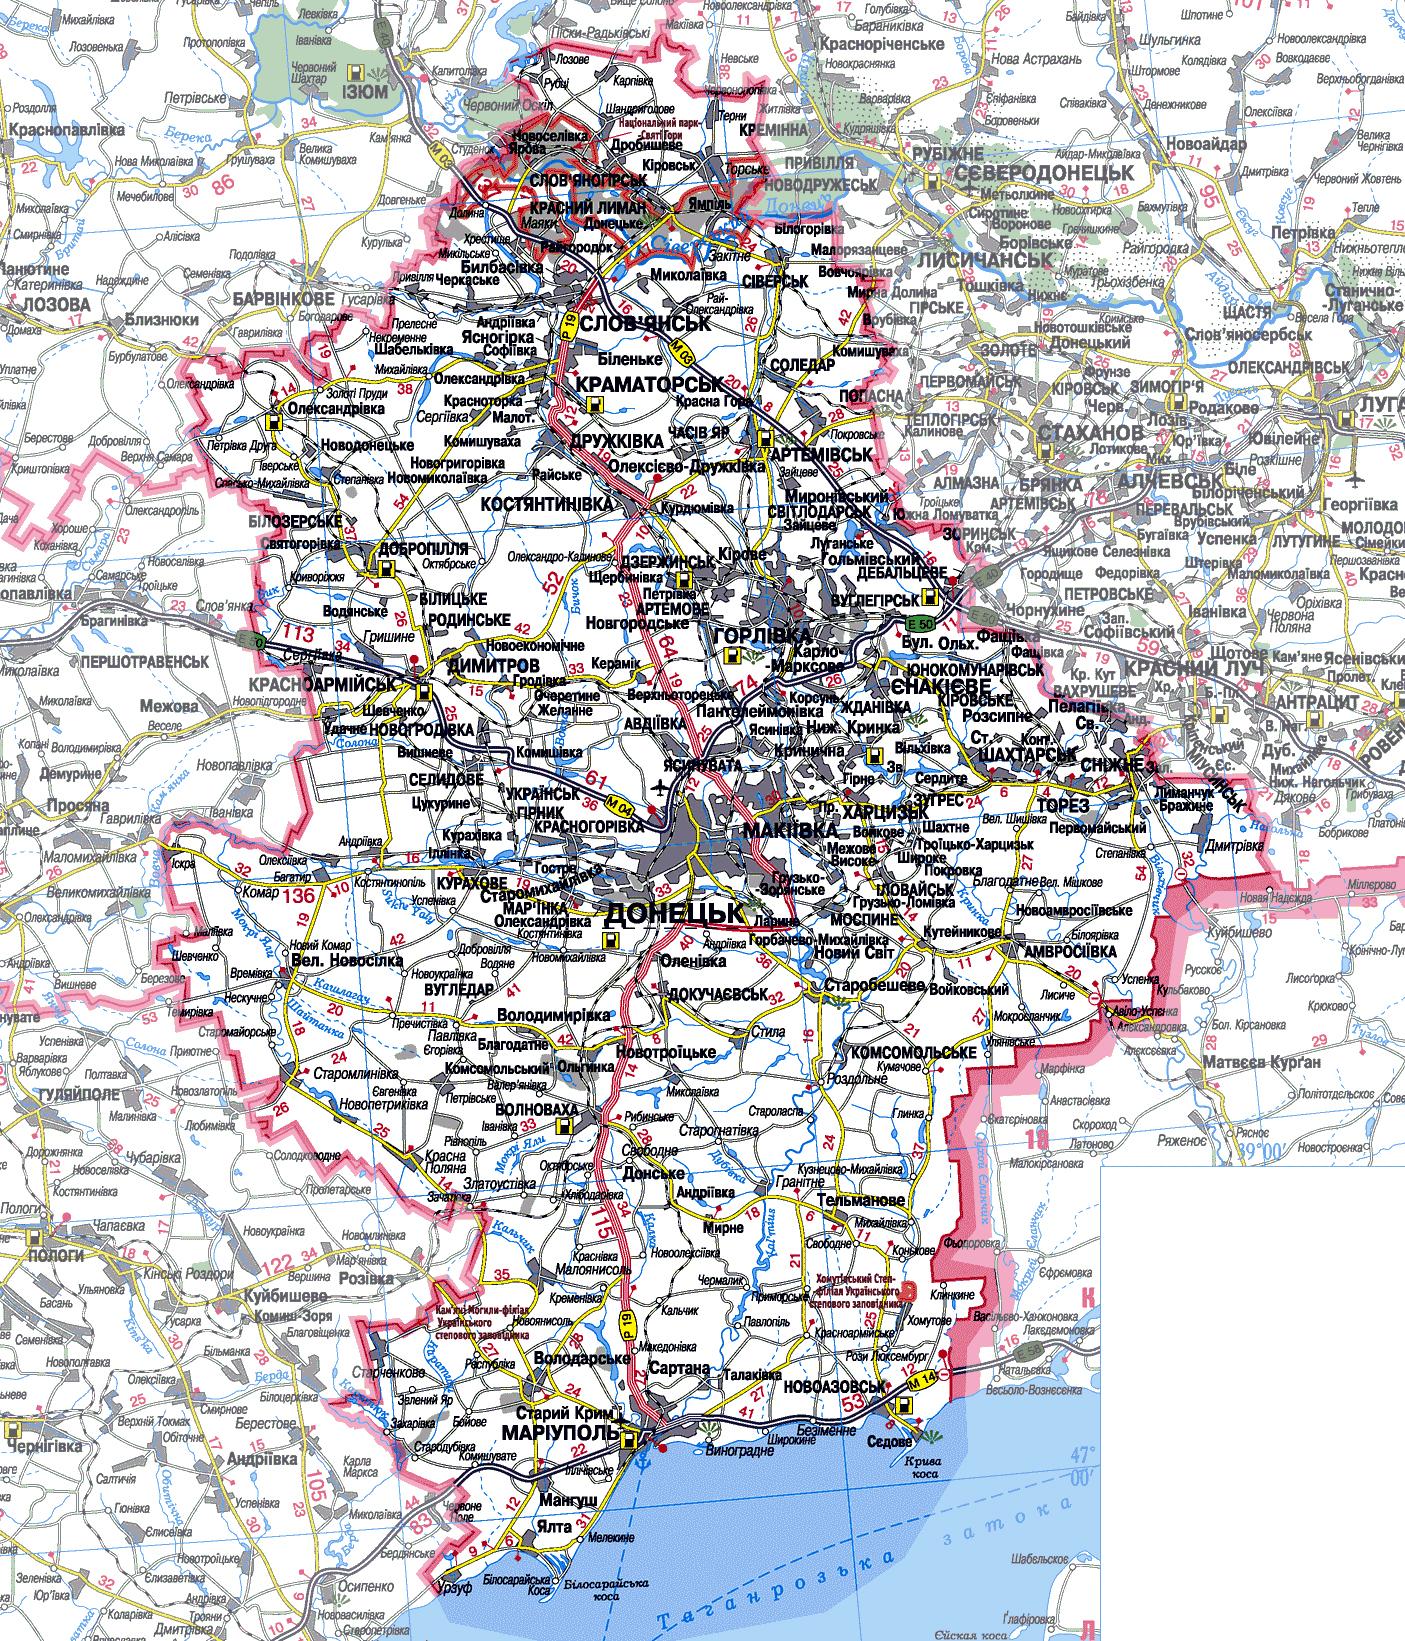 Карта Донецкой Области Nm2